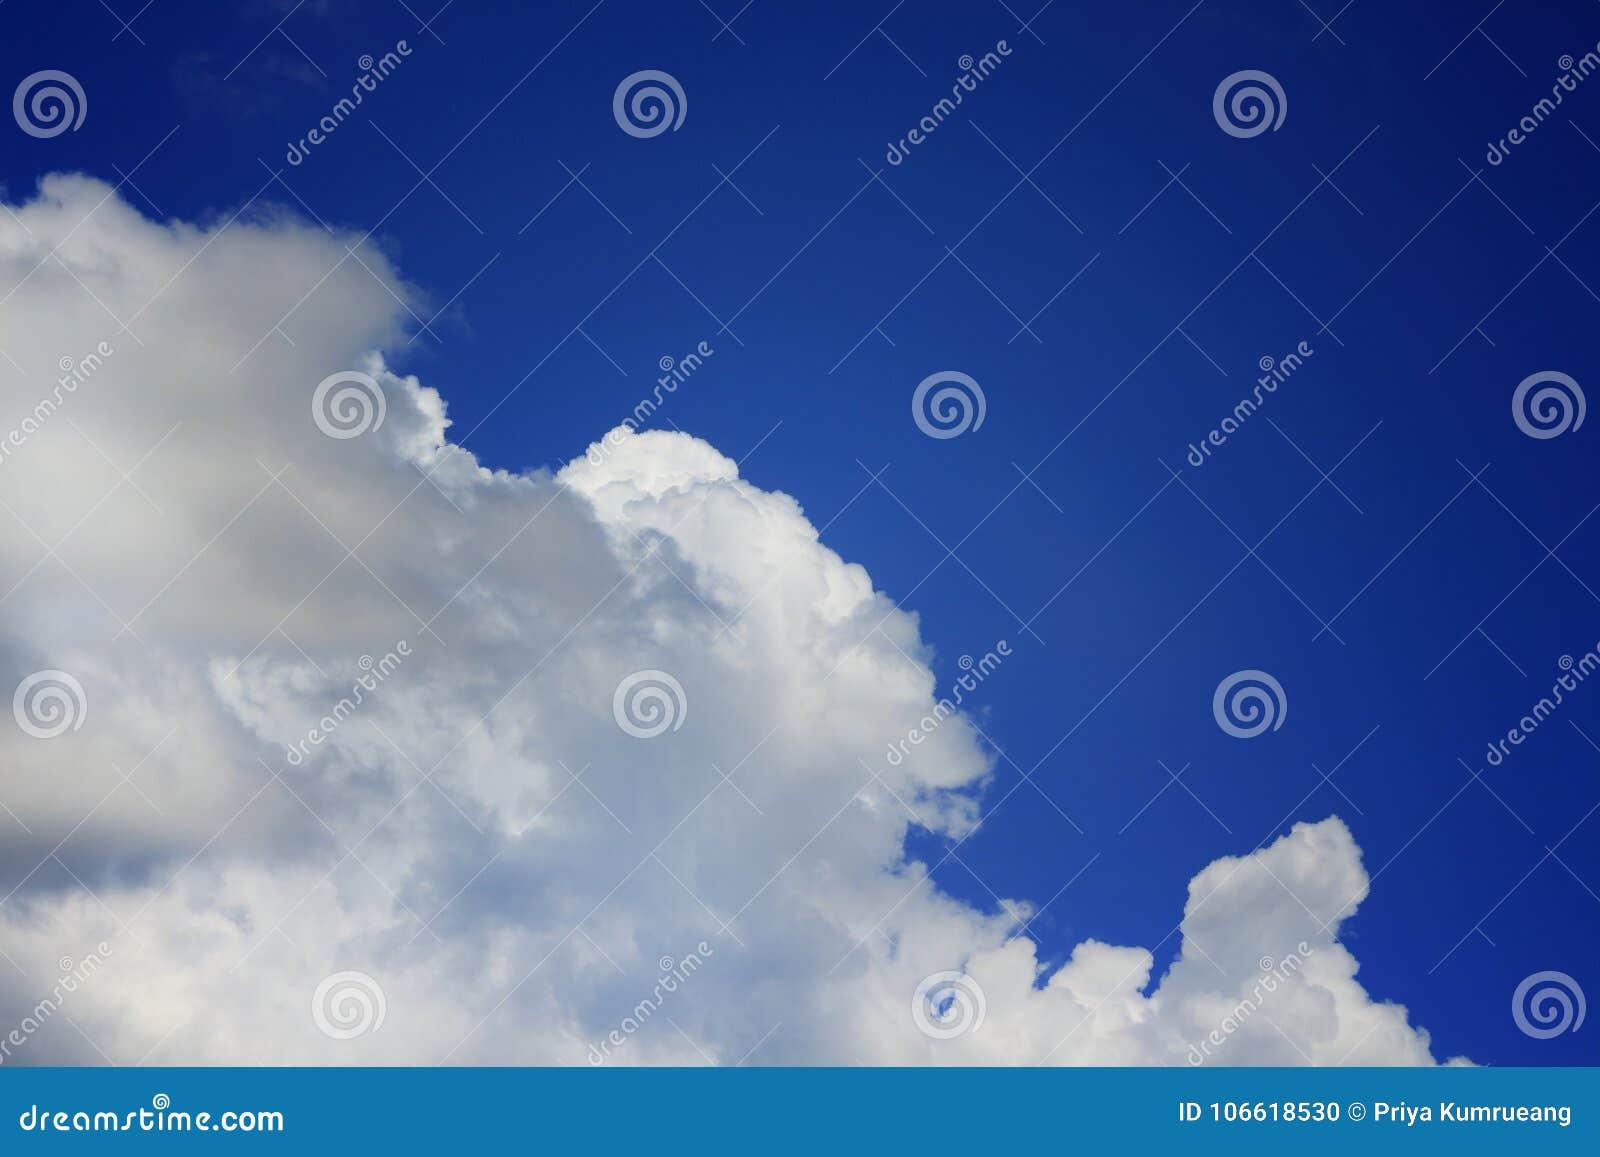 Blauwe hemel en heldere witte wolken in bewolking